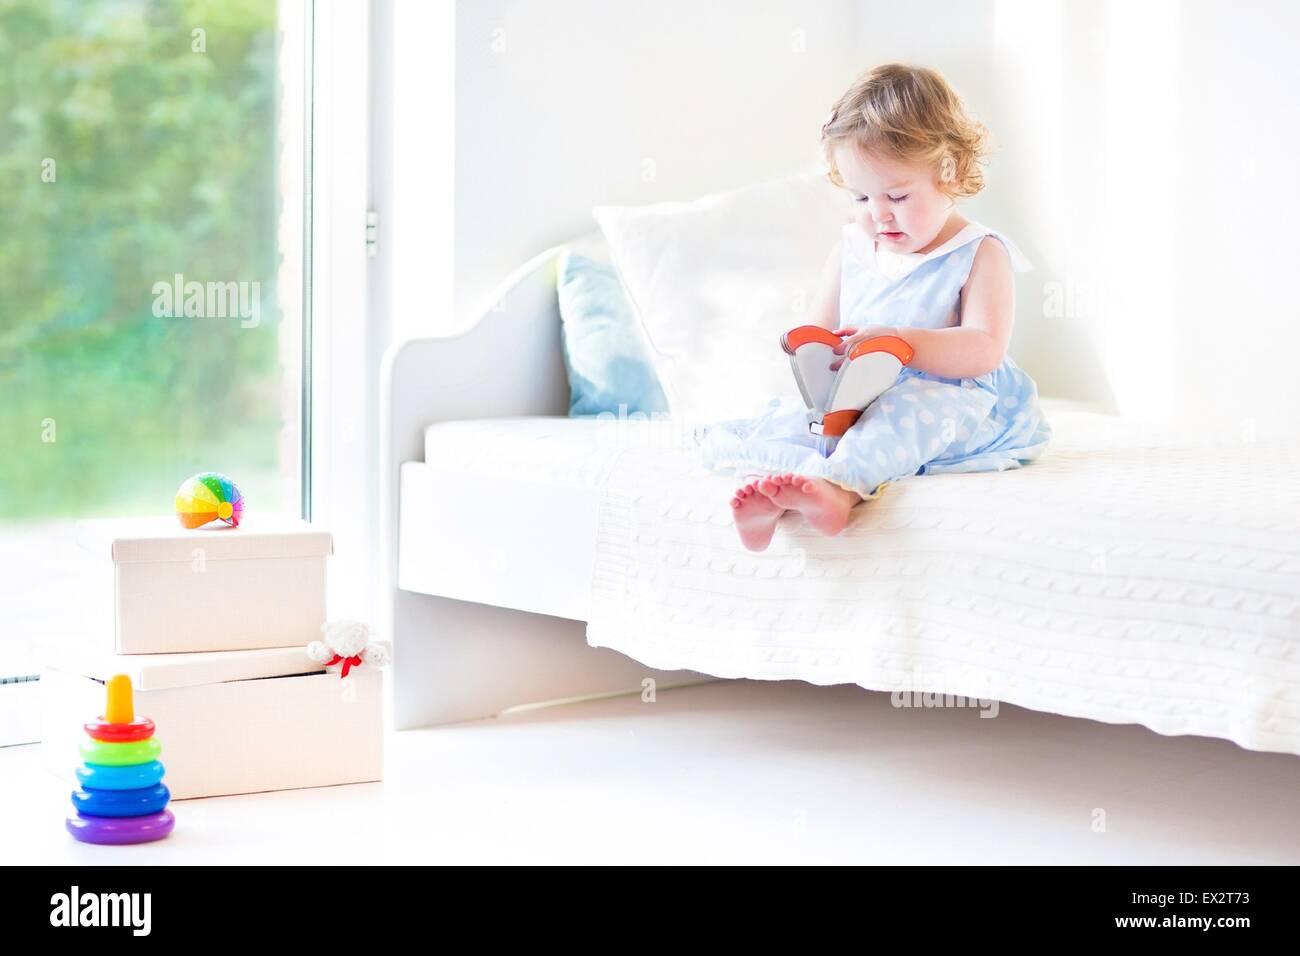 Belo cabelo encaracolado toddler Menina lendo um livro sentado em uma cama branca ao lado de uma grande janela com Imagens de Stock